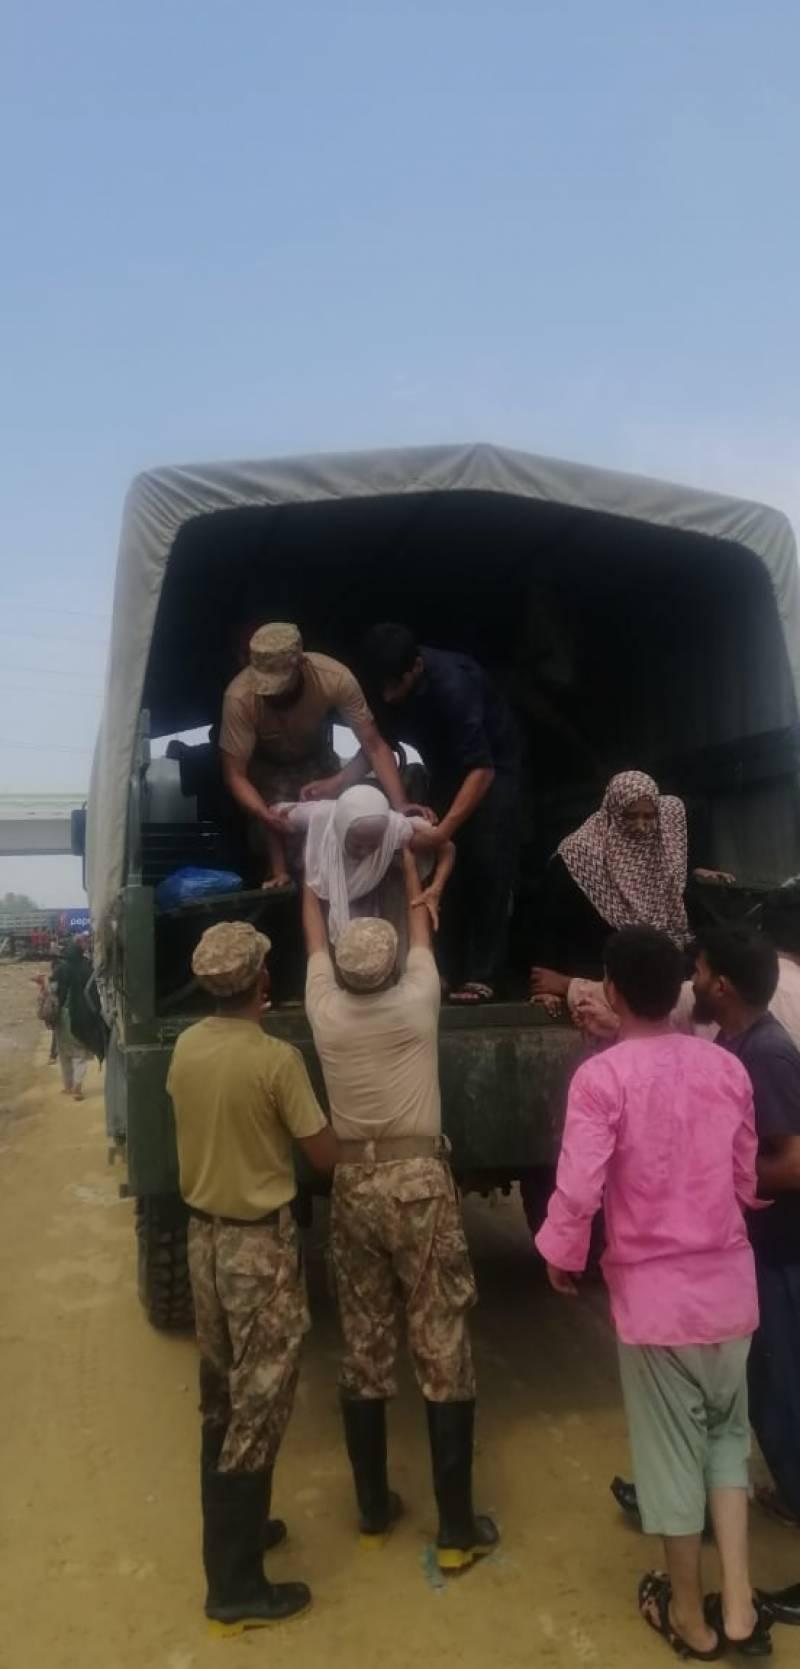 پاک فوج اور بحریہ کی کراچی کے متاثرہ علاقوں میں امدادی کوششیں جاری